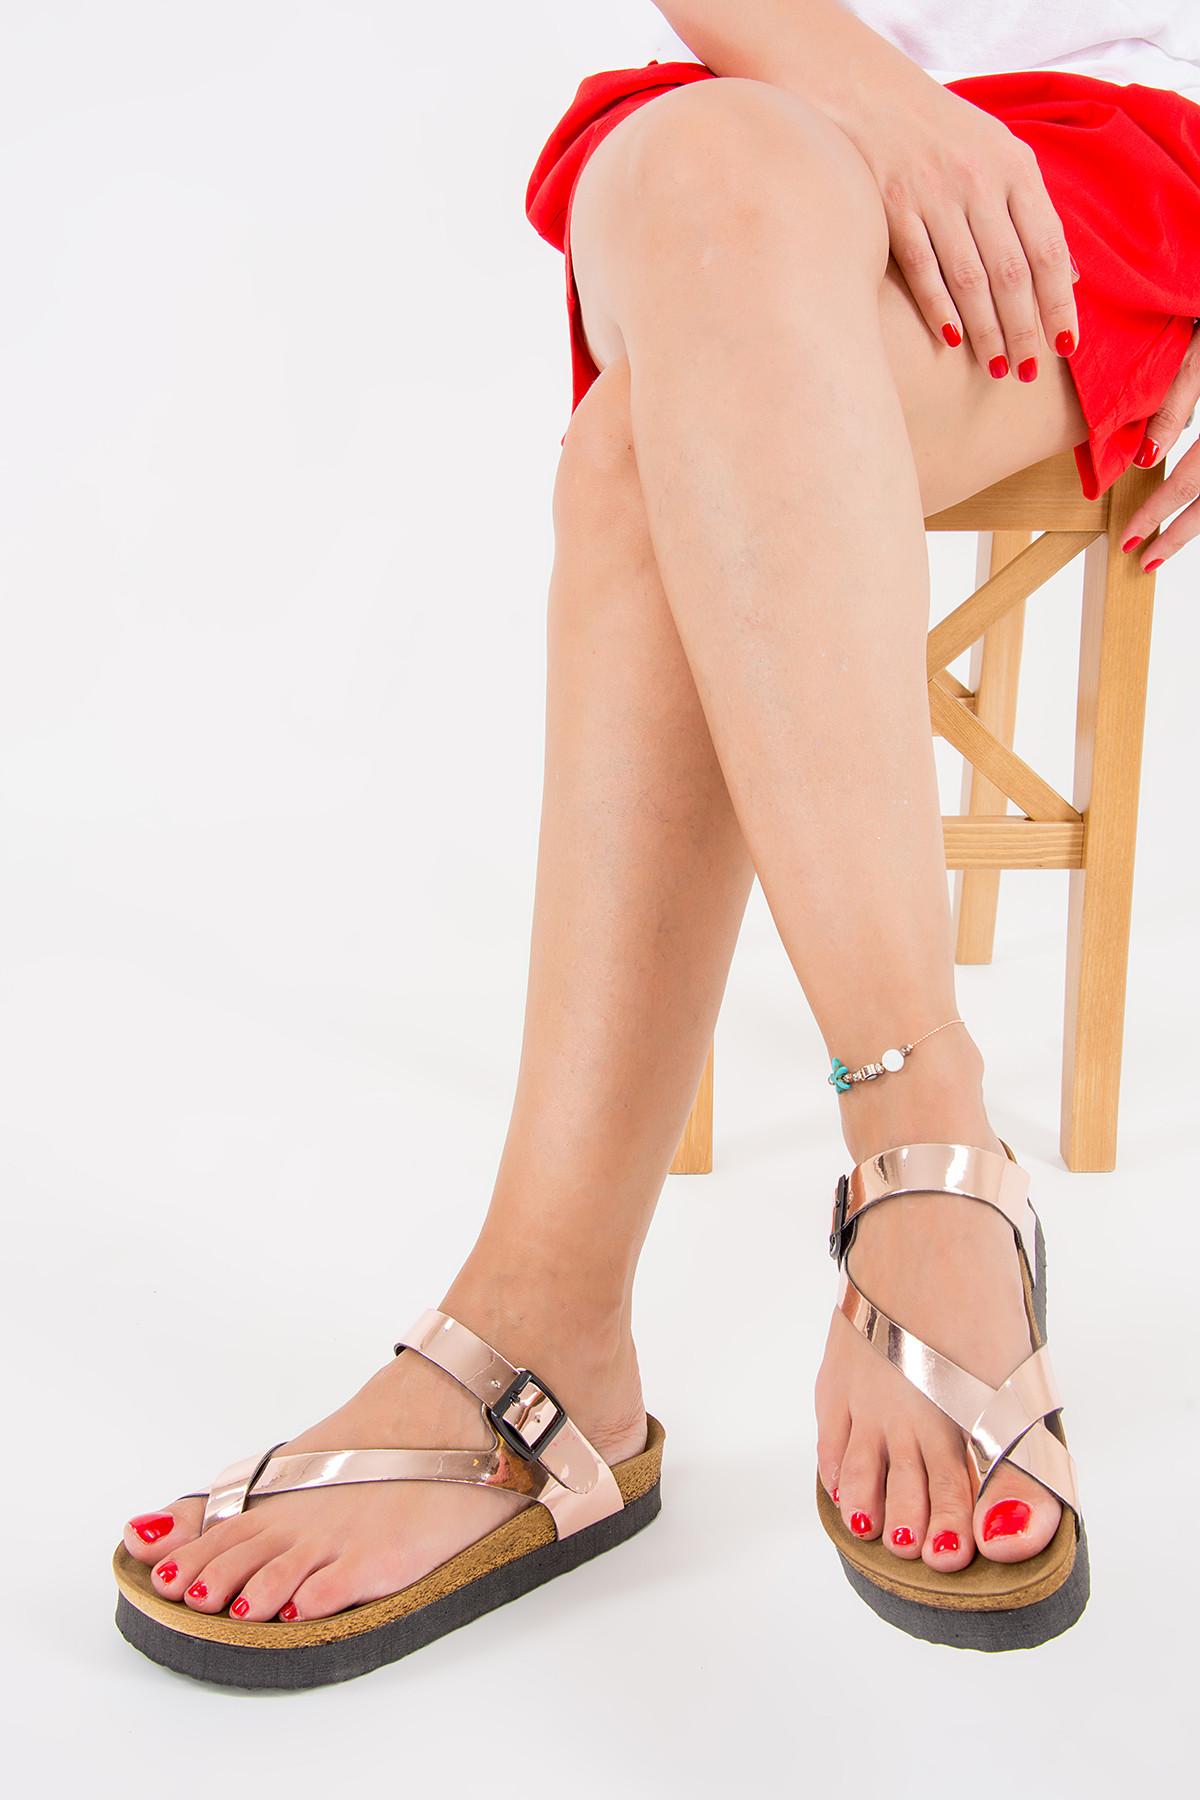 Fox Shoes Bakır Kadın Terlik B777753034 1